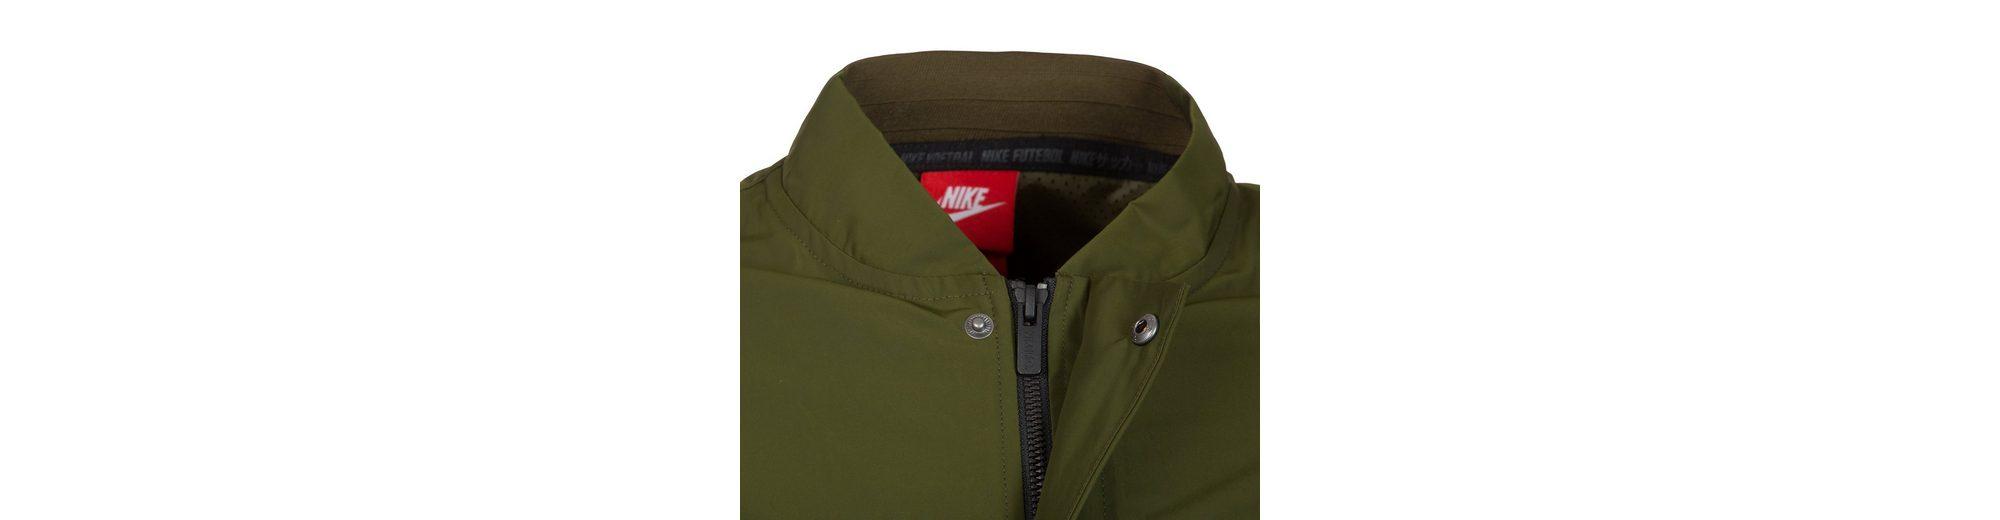 Limited Edition Günstig Online Einen Günstigen Preis Nike Sportswear F.C. Jacke Herren 9smimA8MWV